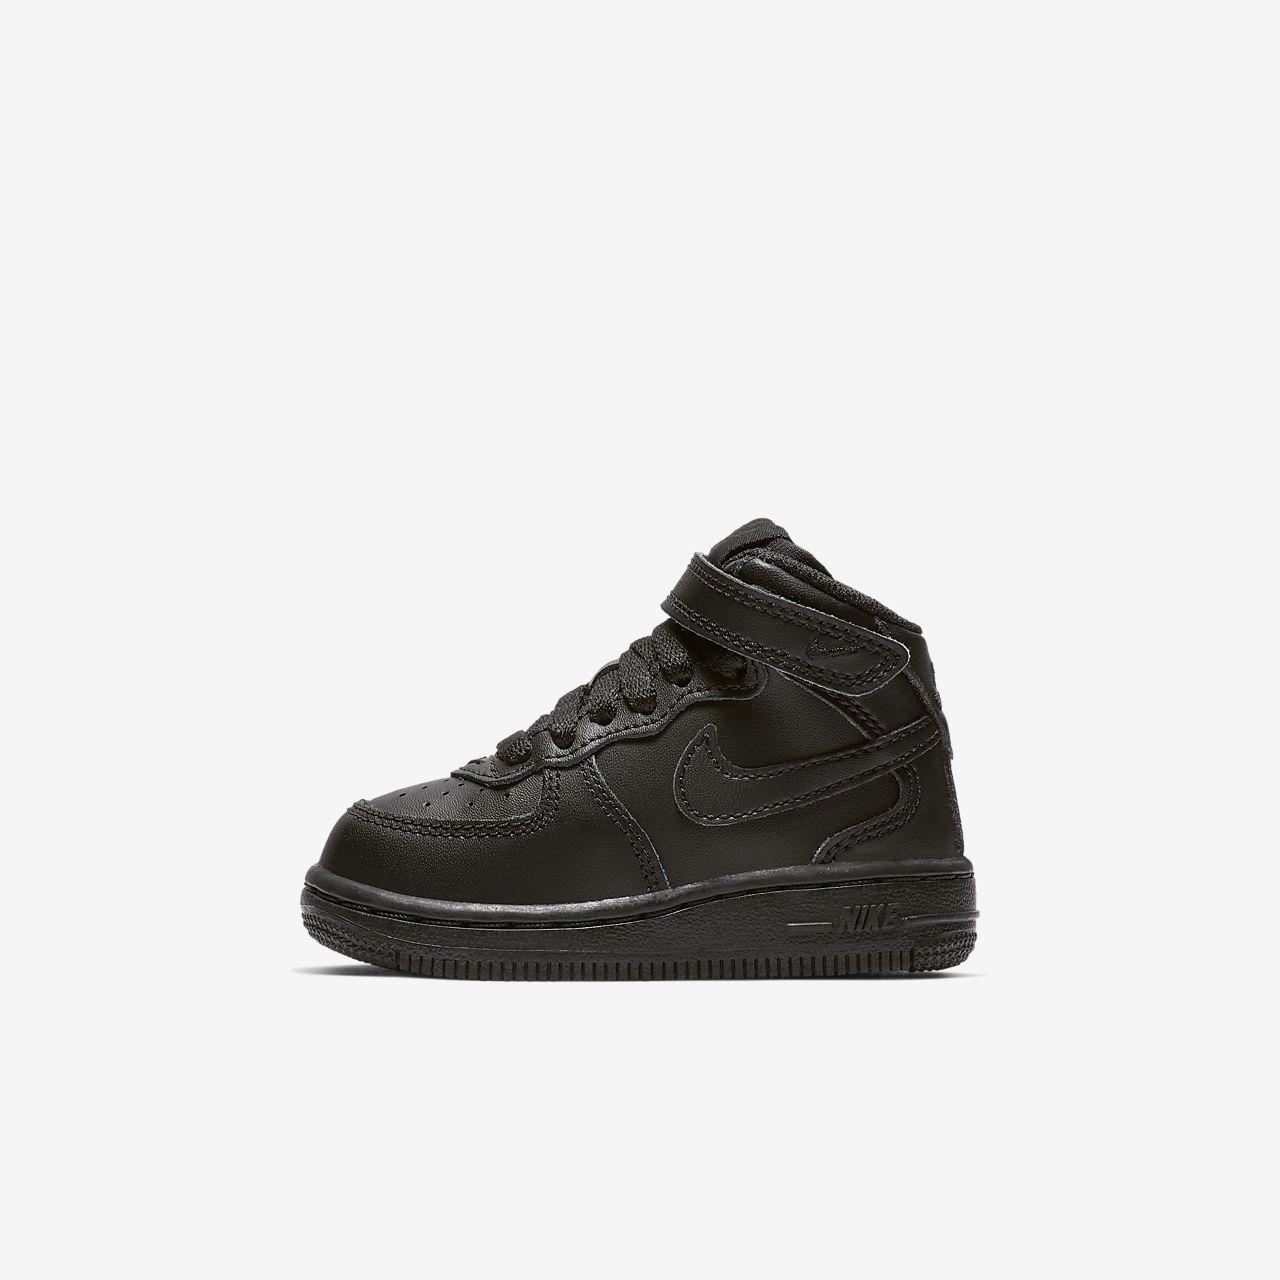 ... Chaussure Nike Air Force 1 Mid pour Bébé/Petit enfant